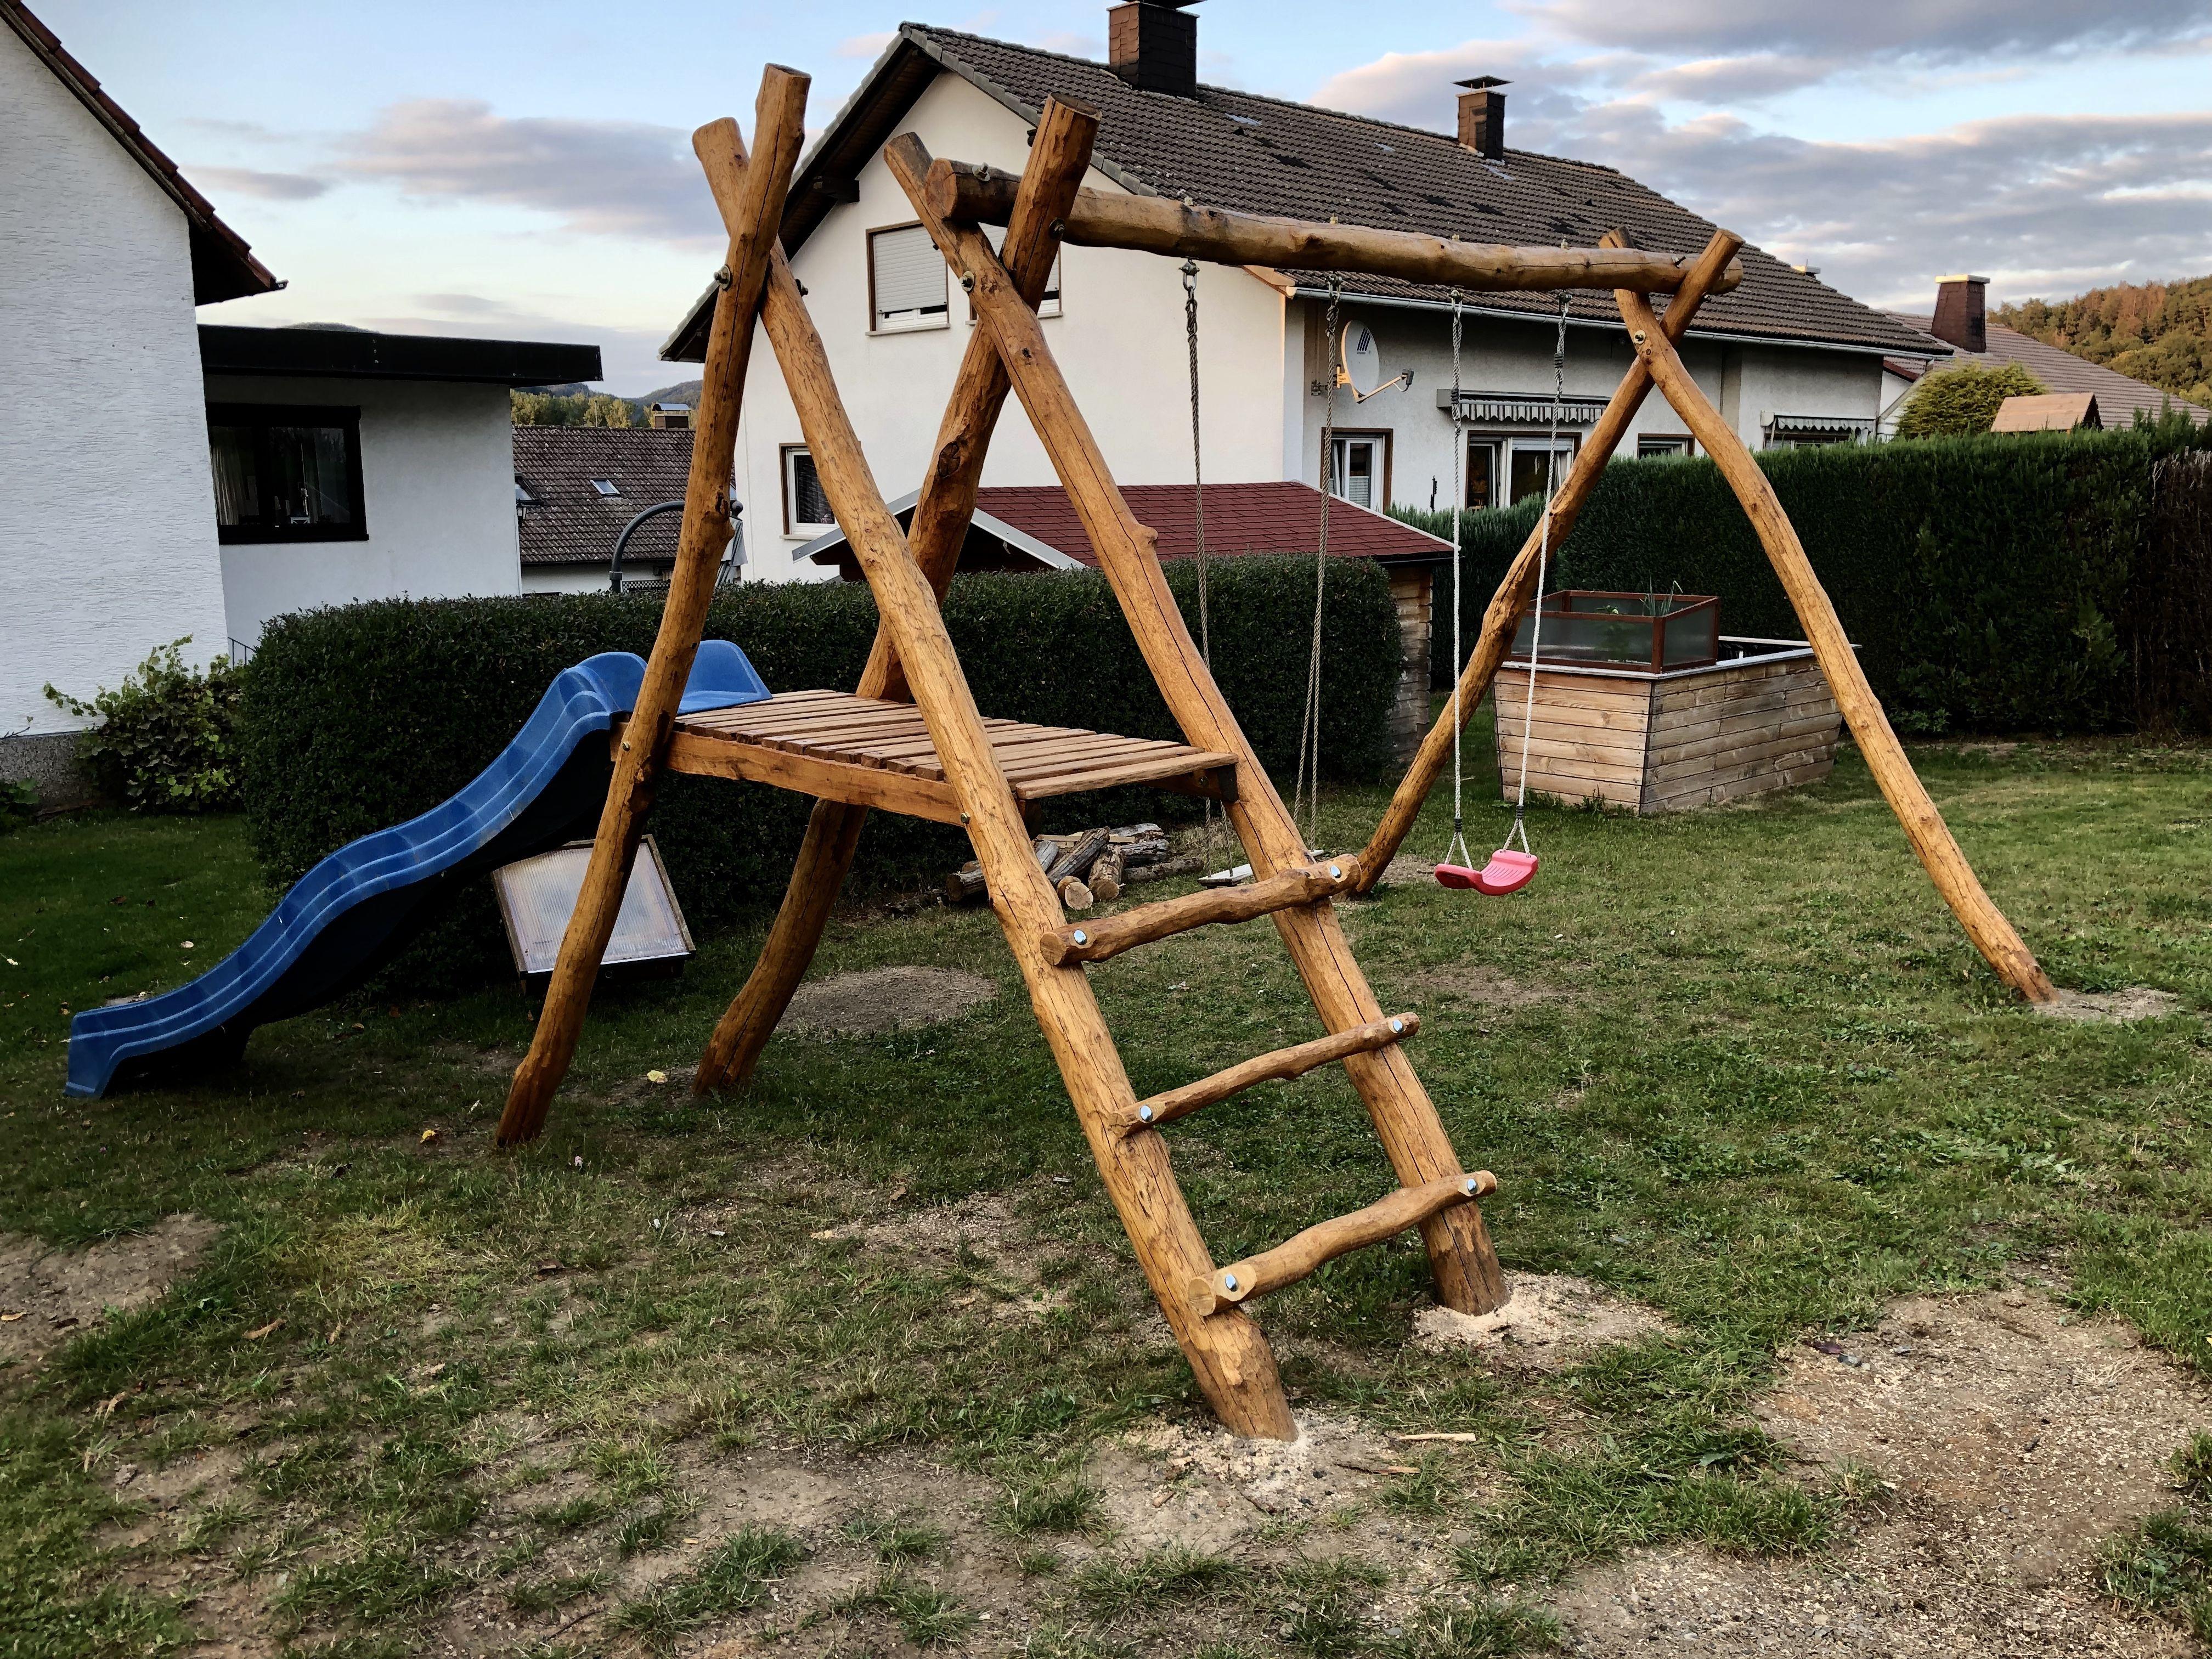 Schaukel Eiche Rundholz Selbst Gebaut Garten Selber Bauen Schaukel